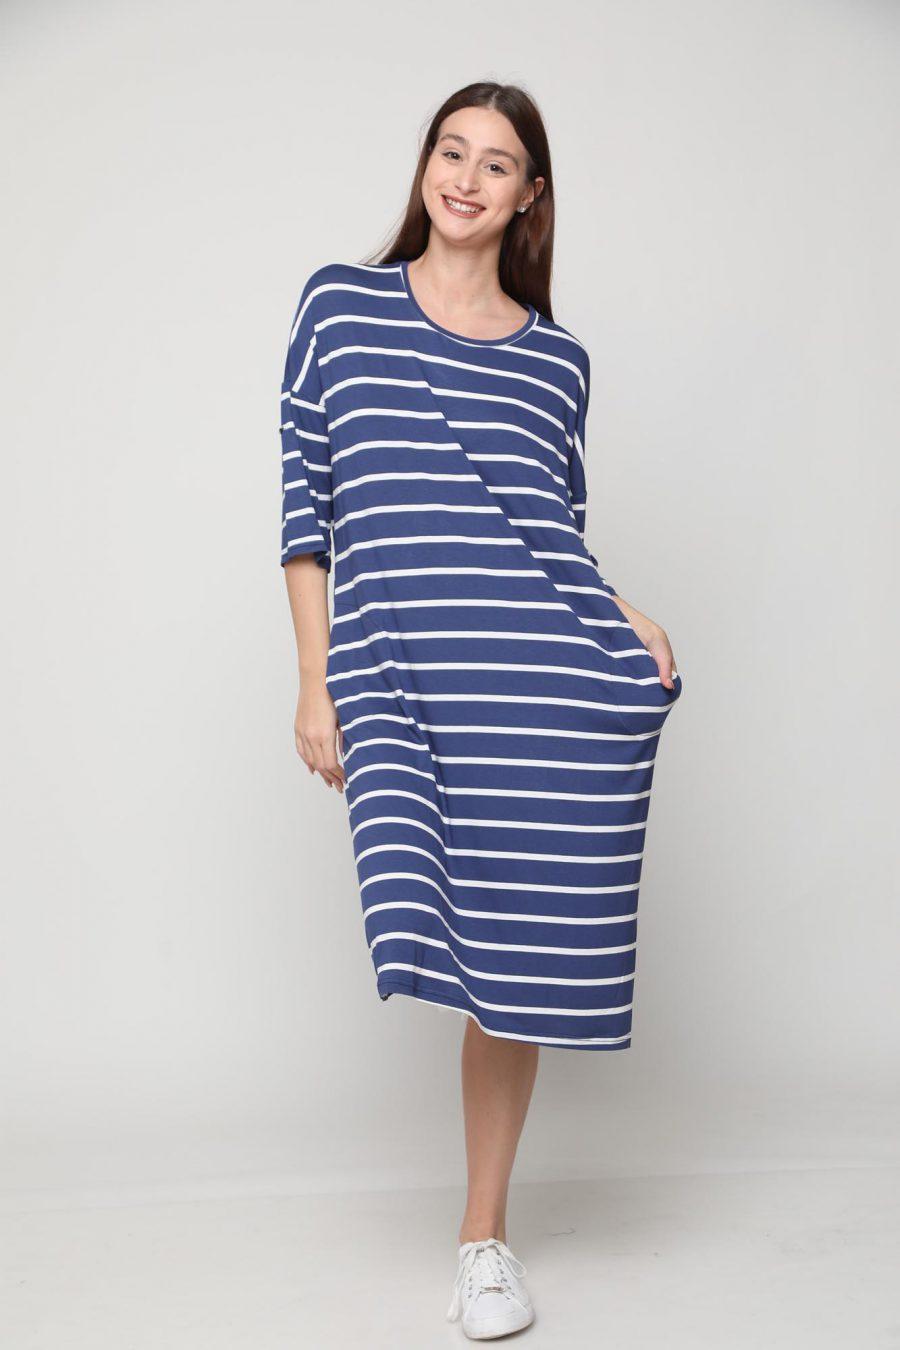 שמלה שירה פסים כחול